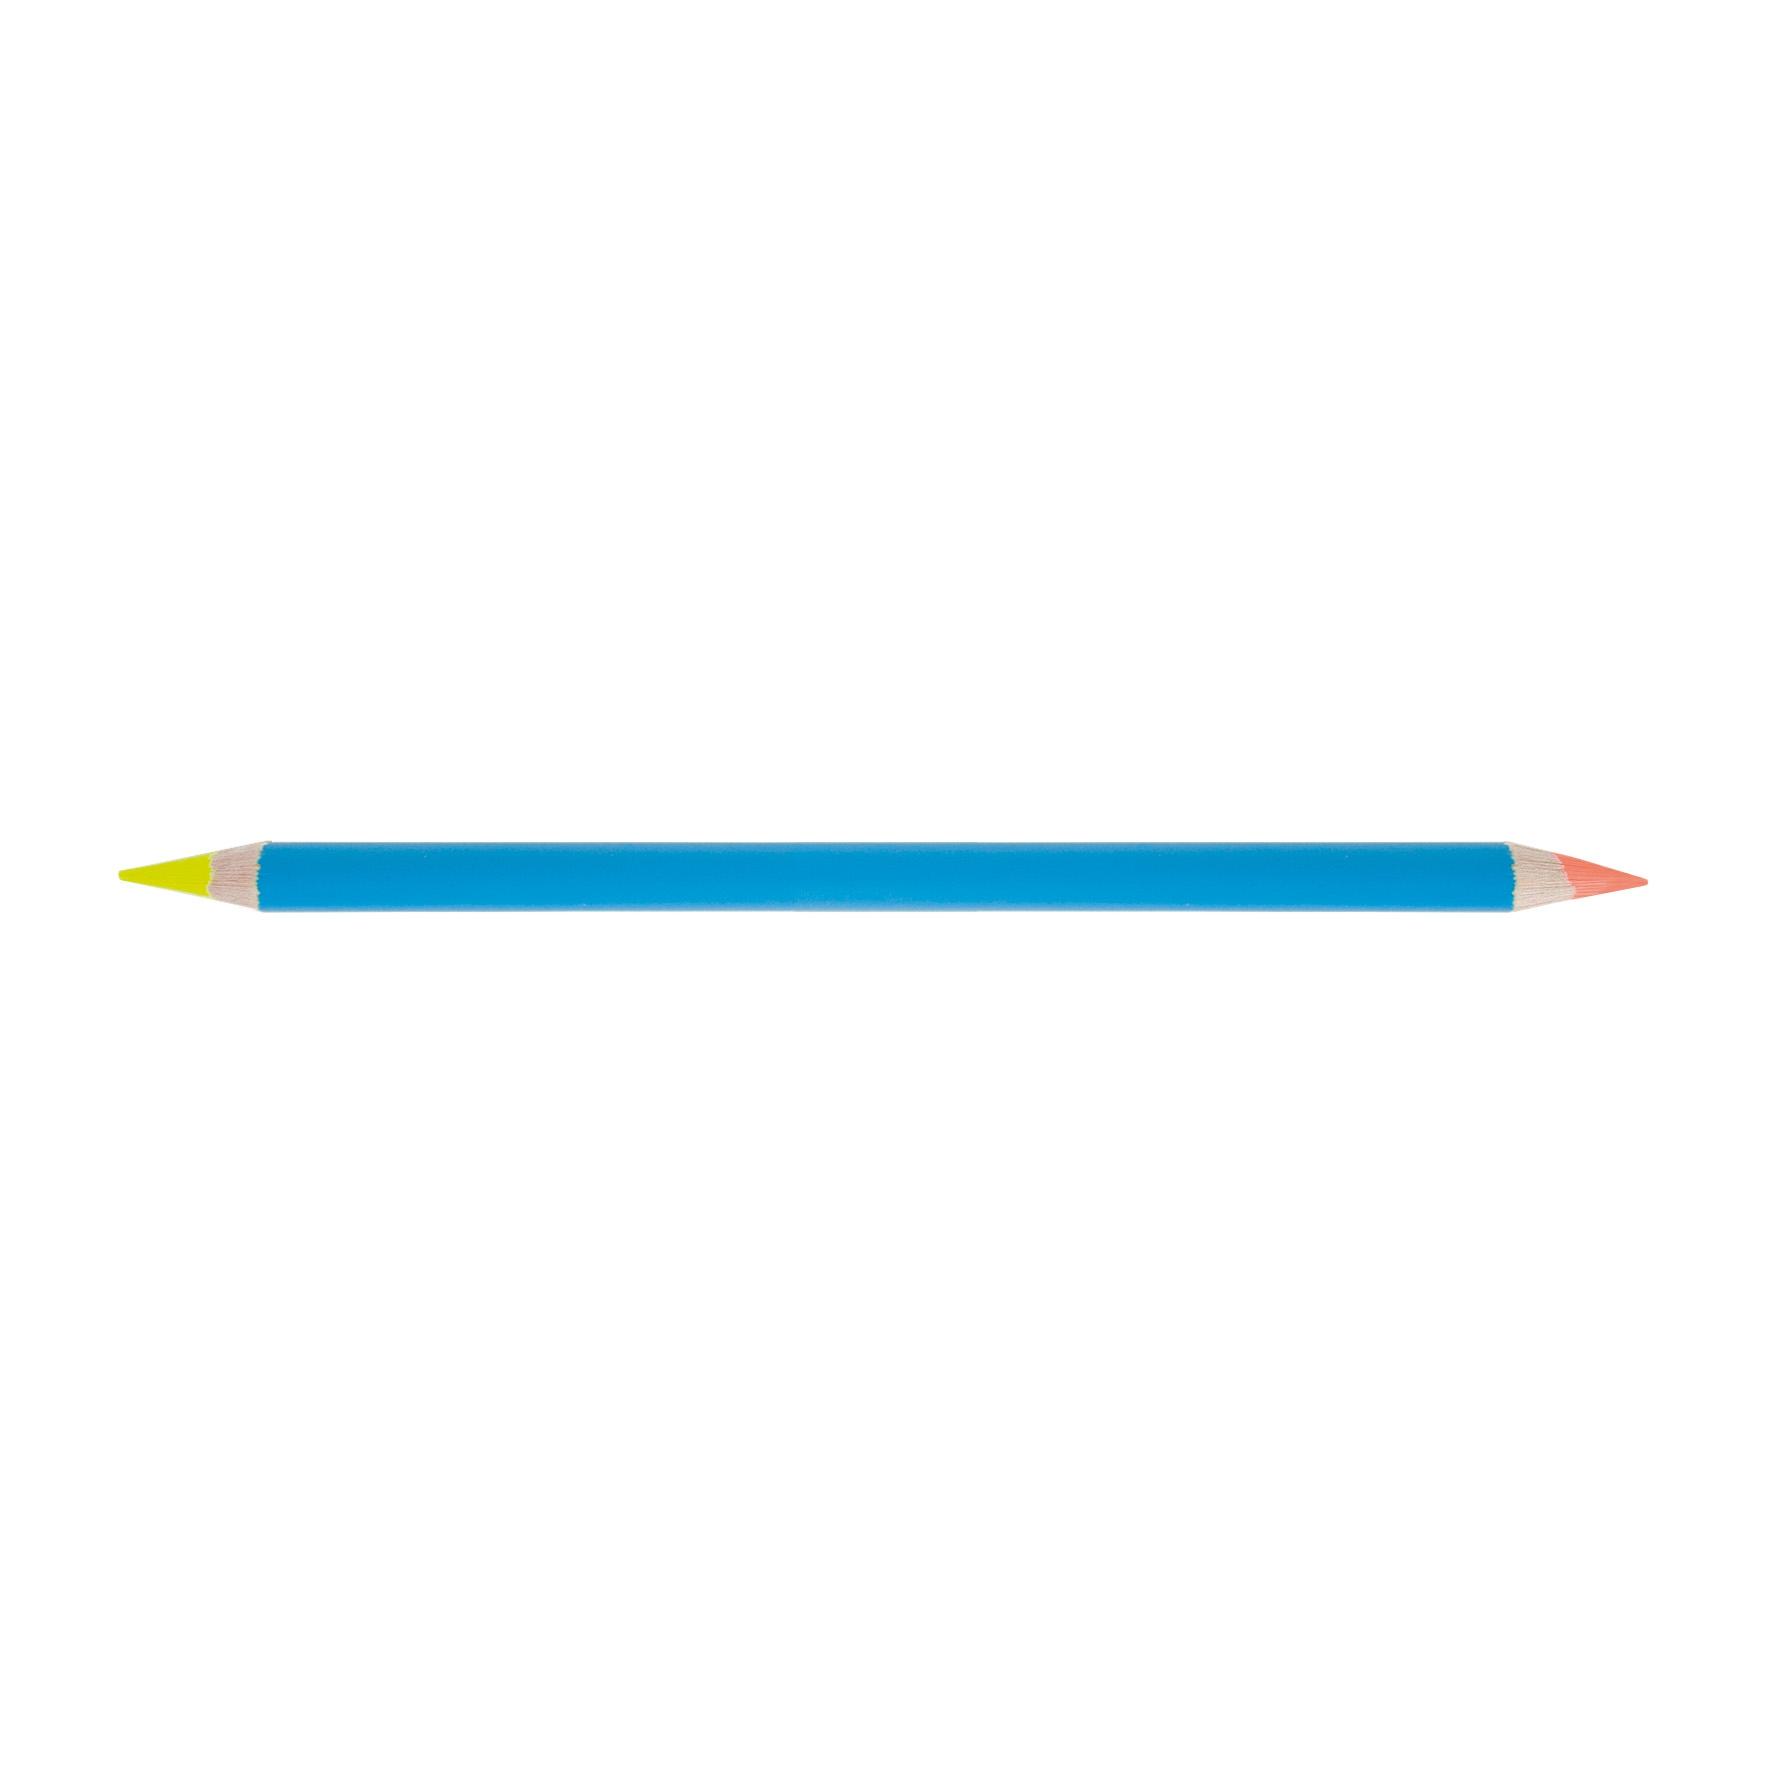 surligneur personnalisable - crayon publicitaire 2 mines fluo Bi-coul pantone